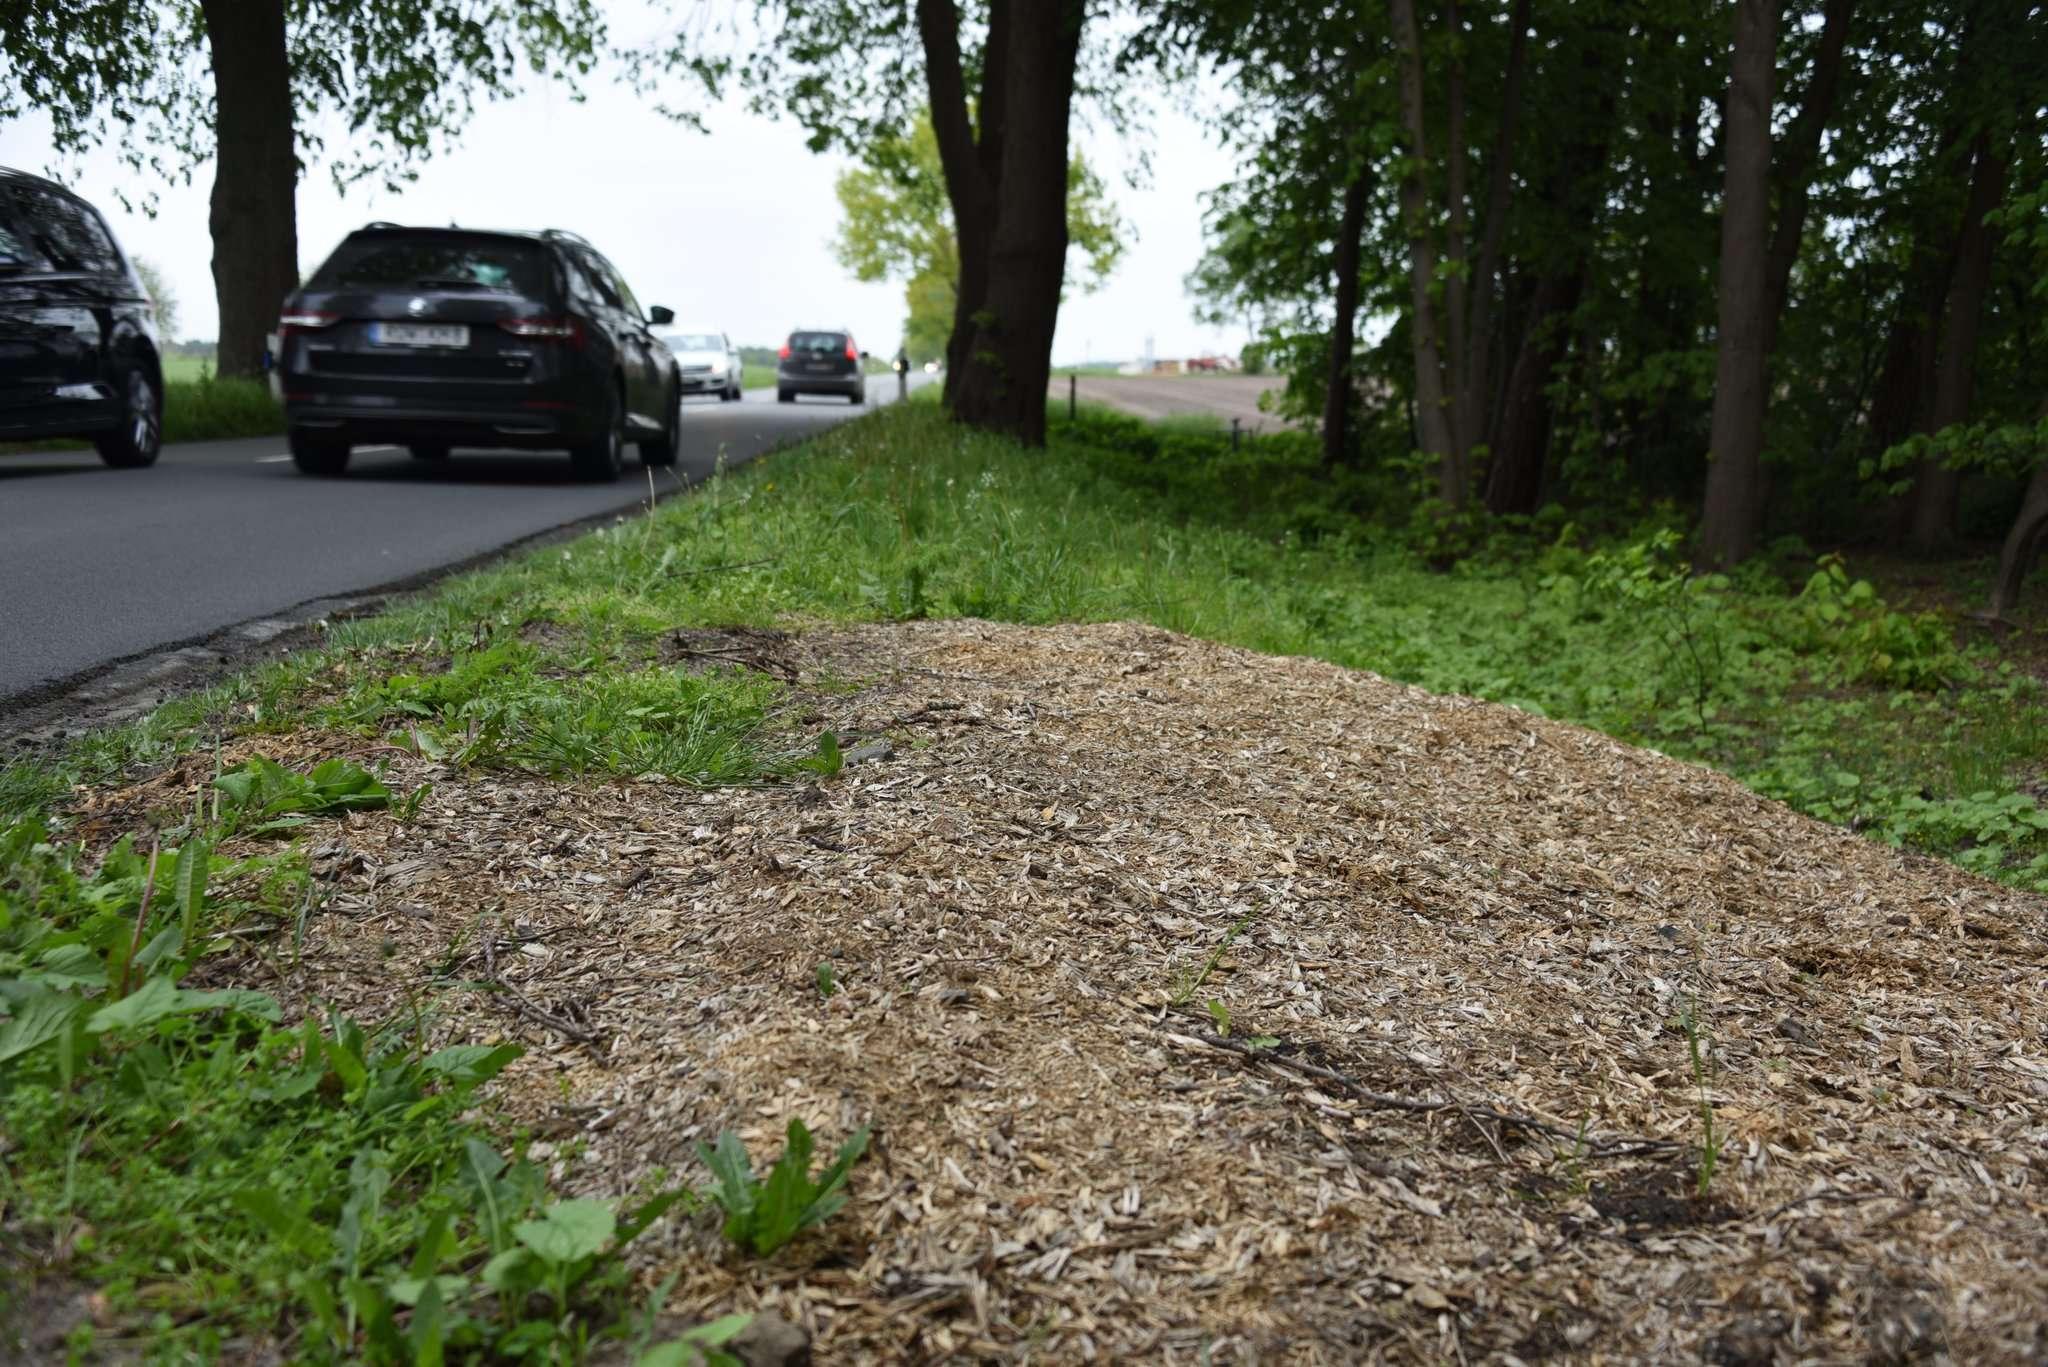 Wo einmal ein Baum stand: Wie entlang der Kreisstraße von Reeßum nach Taaken habe der Landkreis unverhaltnismäßig viele Bäume gefällt, beklagt der BUND. Foto: Andreas Schultz